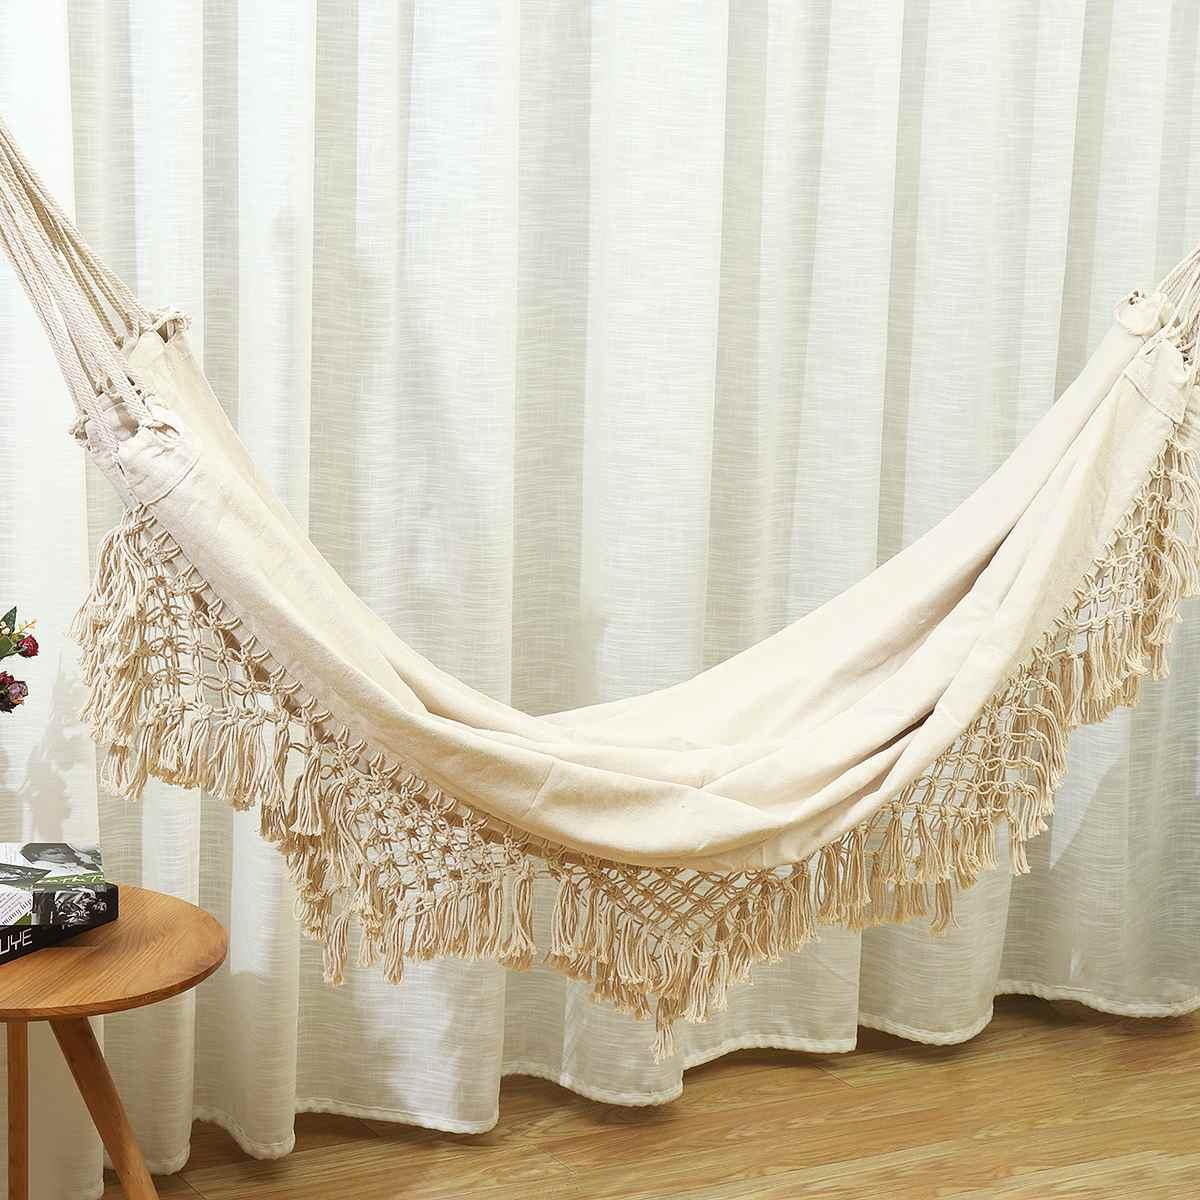 2 Person Hammock Large Brazilian Macrame Fringe Double Hammock Swing Net Chair Out/Indoor Hanging Hammock Swings